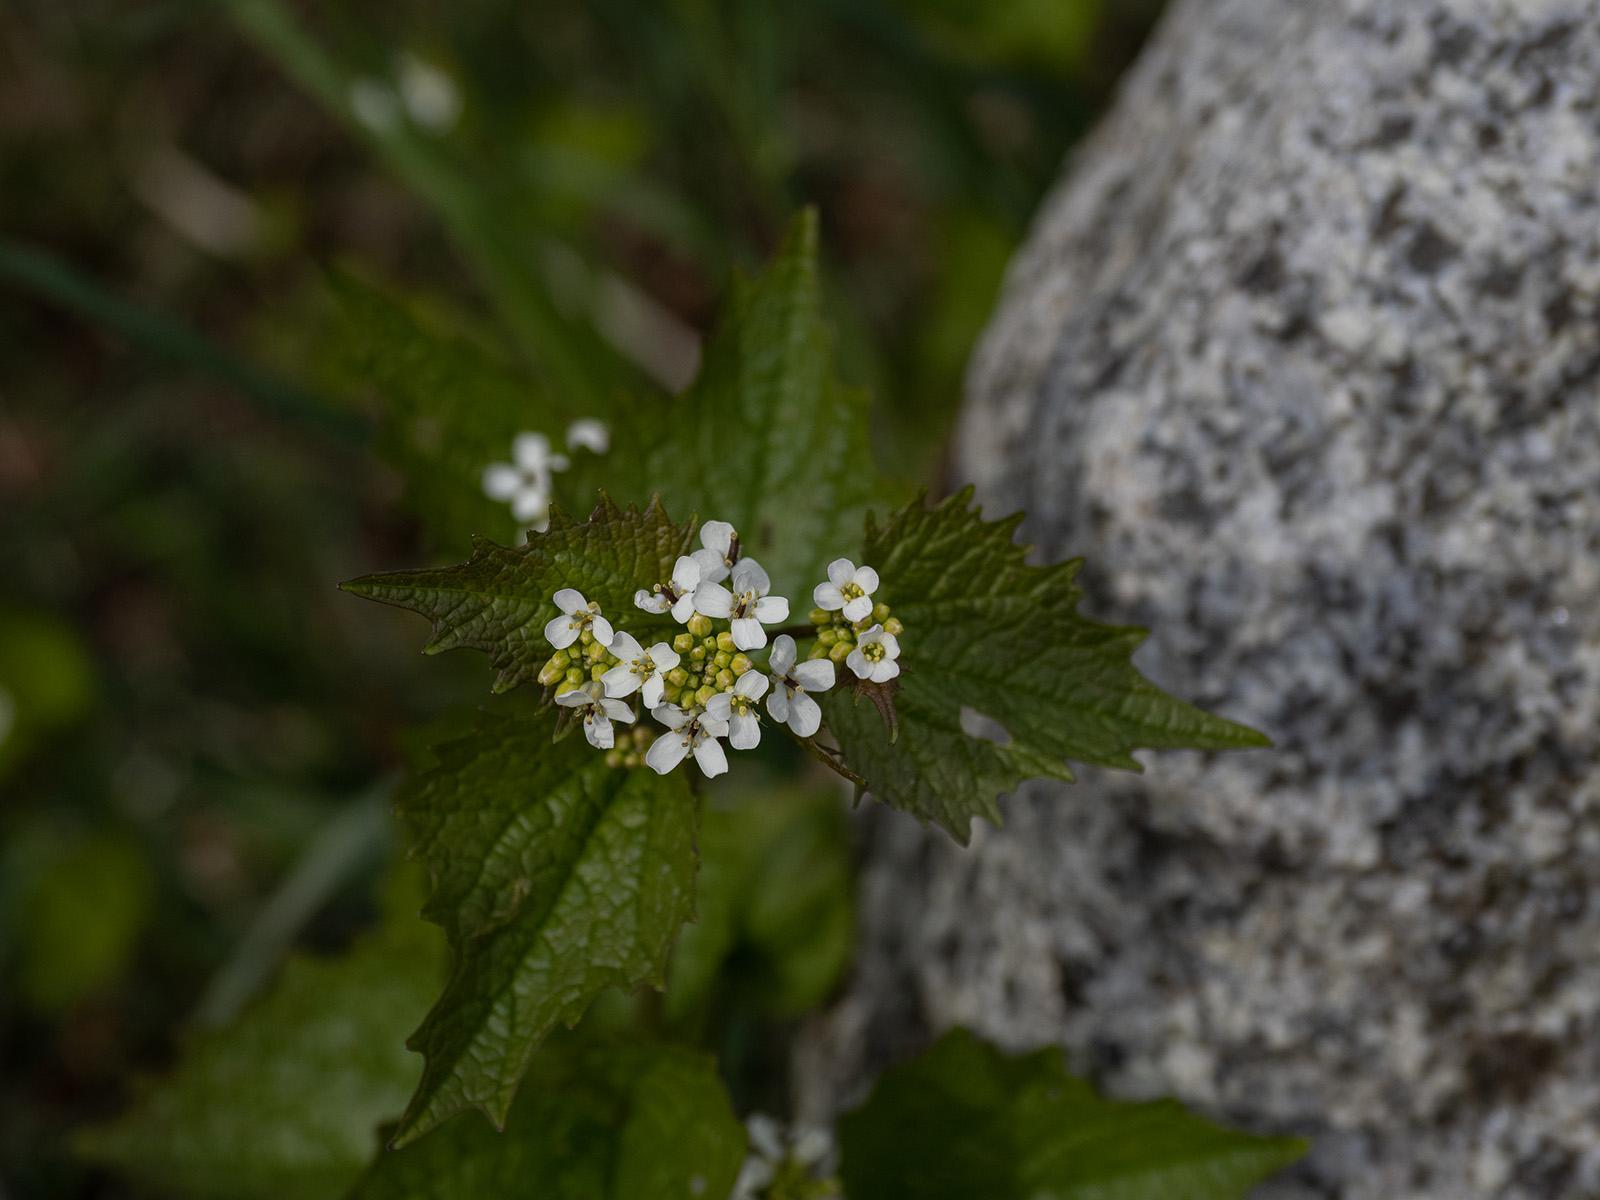 Чесночница черешчатая (Alliaria petiolata) растёт в Стокгольме повсеместно, как в лесу так и в черте города. Автор фото: Сутормина Марина